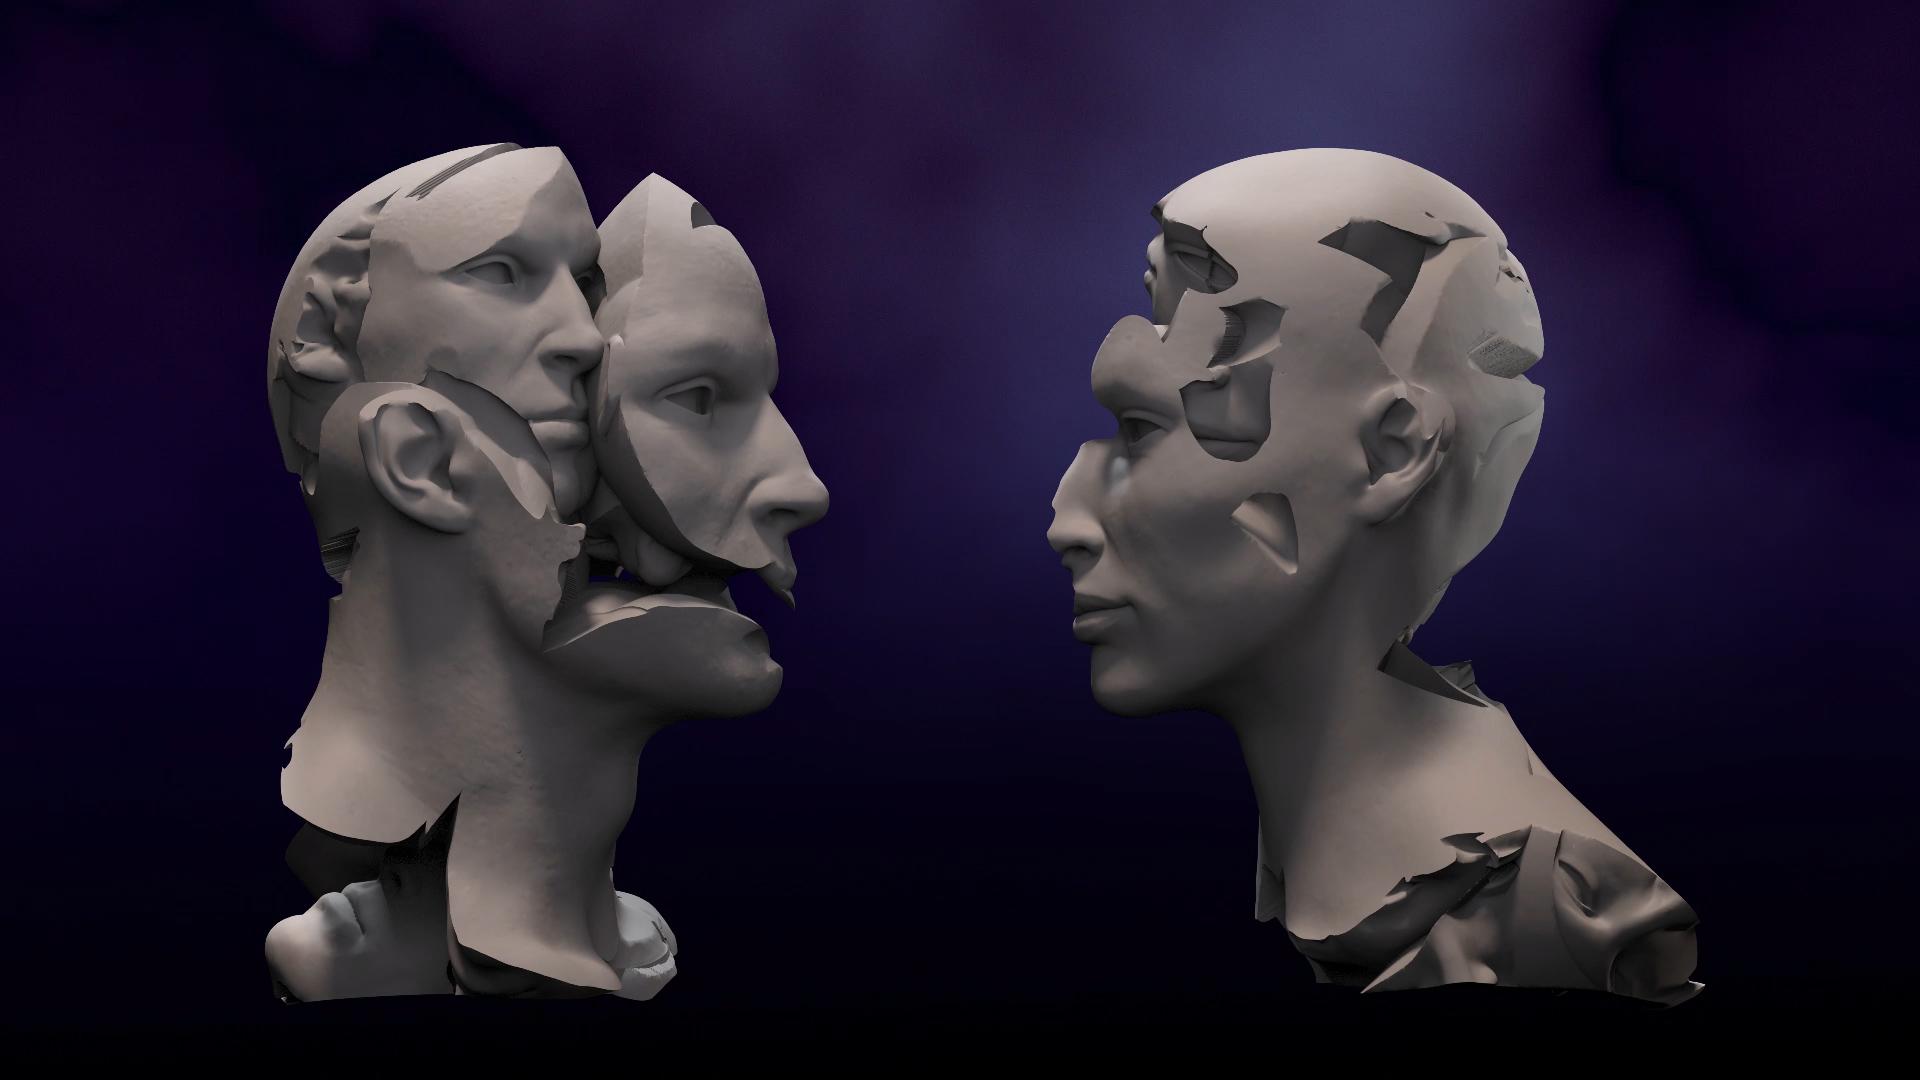 'El estadio del espejo', una exposición de videoarte para inaugurar Vialia Vigo